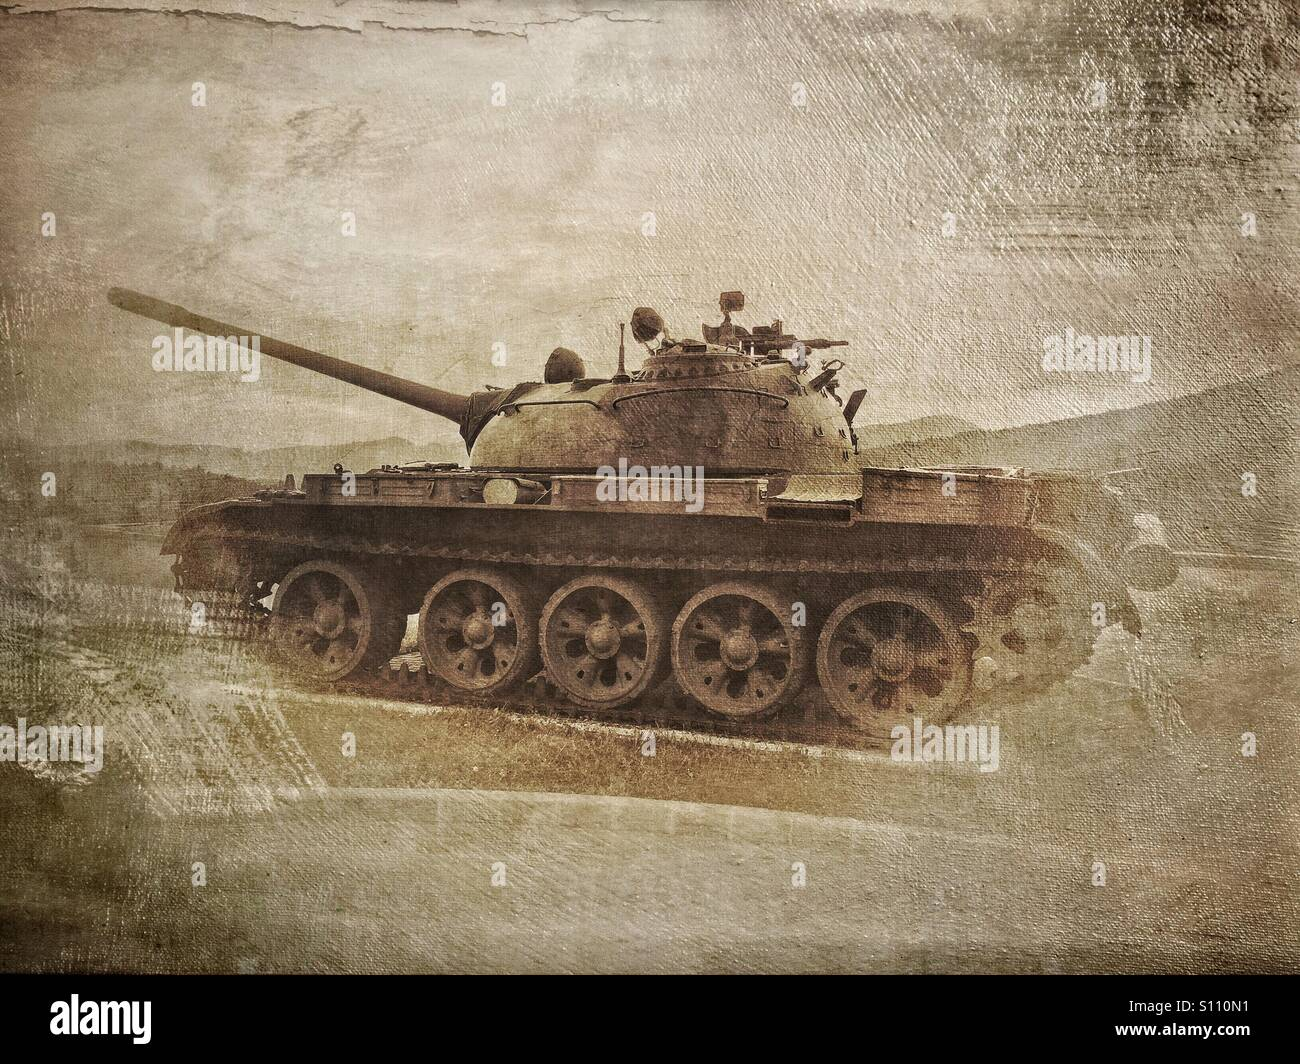 Tanque T-55 en la exhibición en el Parque de la historia militar de Pivka, Eslovenia Imagen De Stock